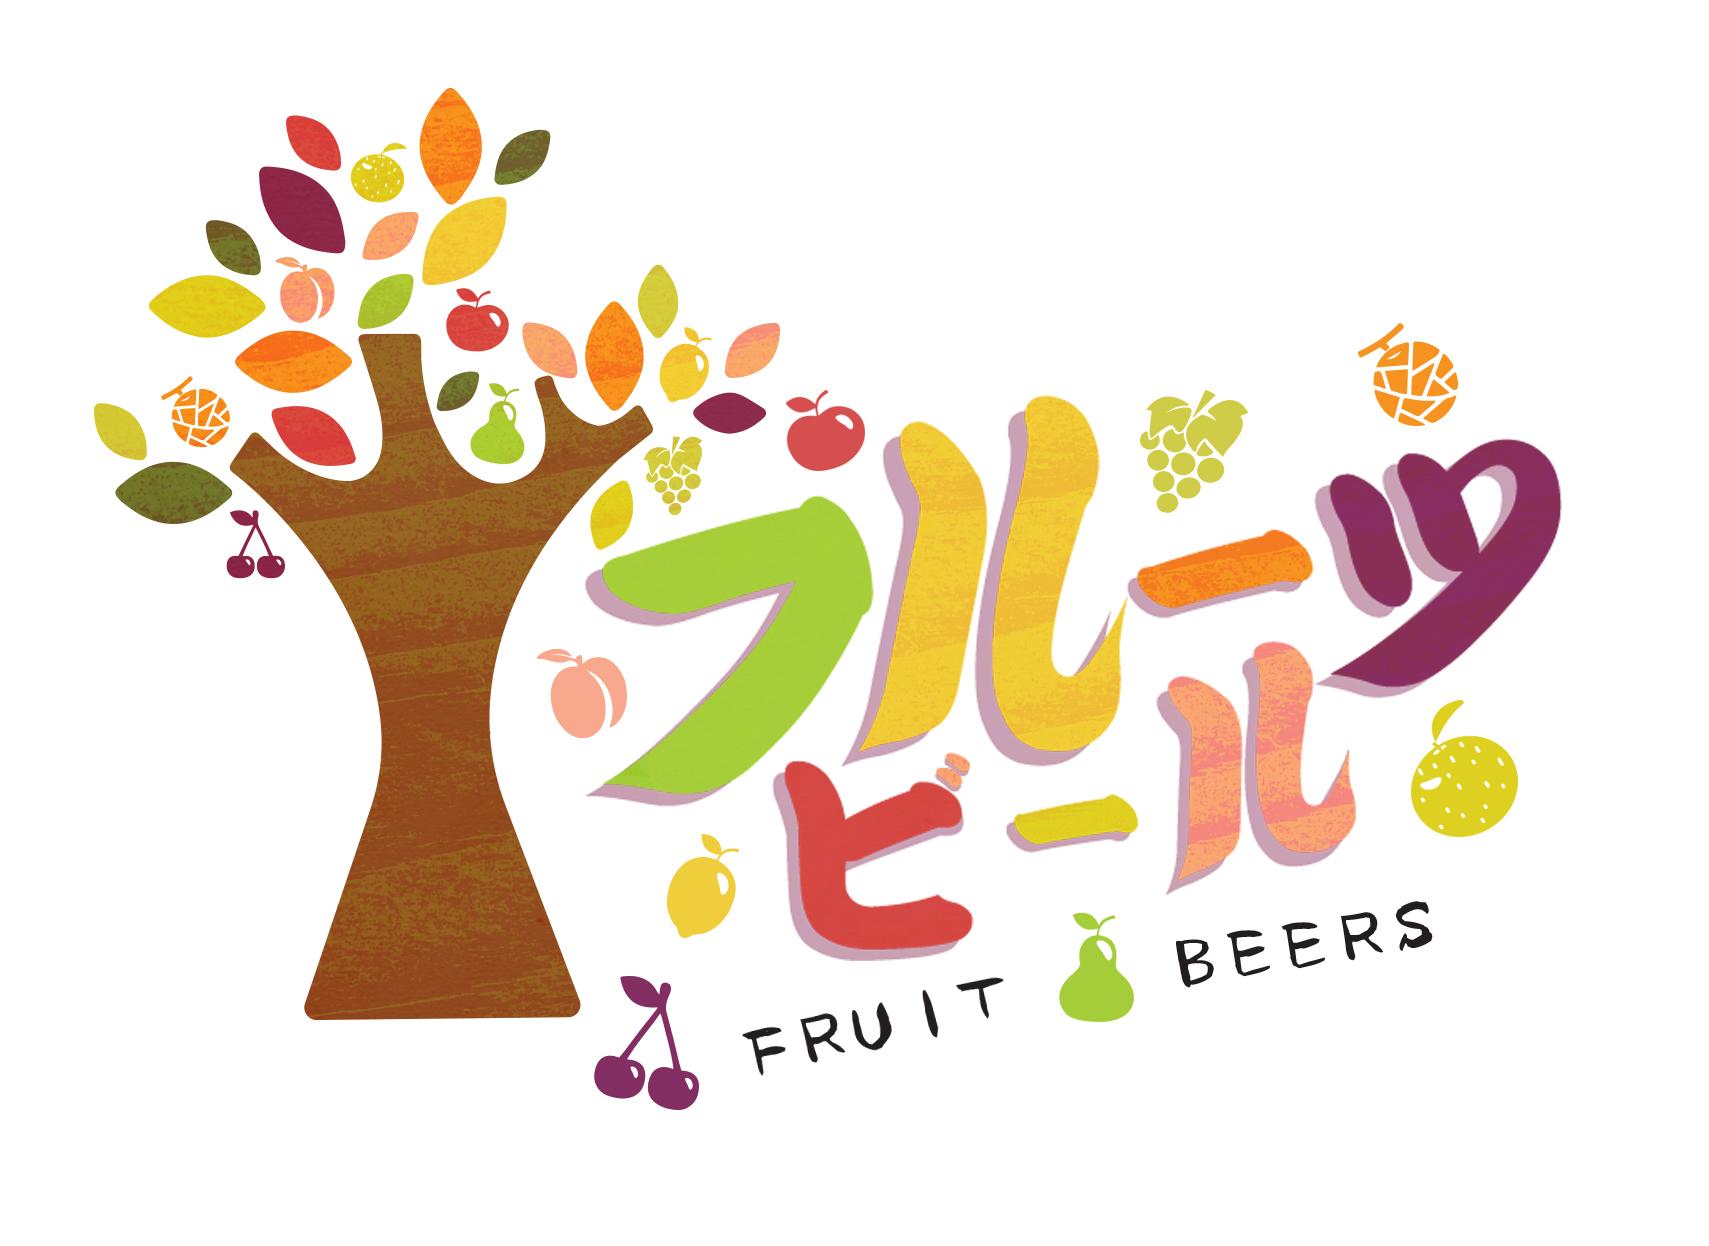 fruit beer.jpg